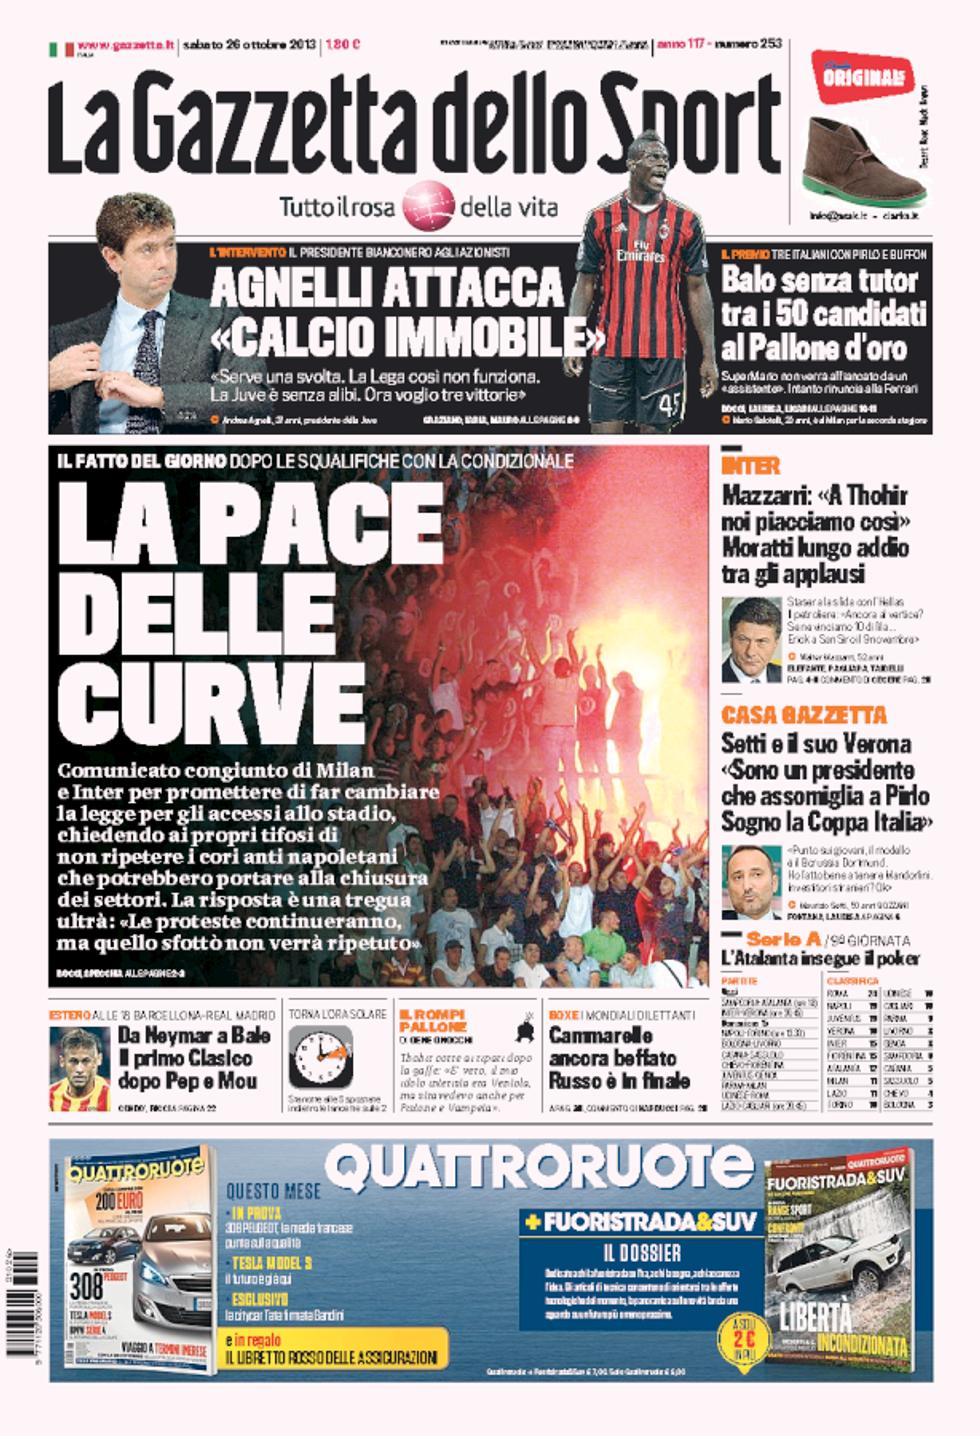 RASSEGNA - La resa del calcio italiano